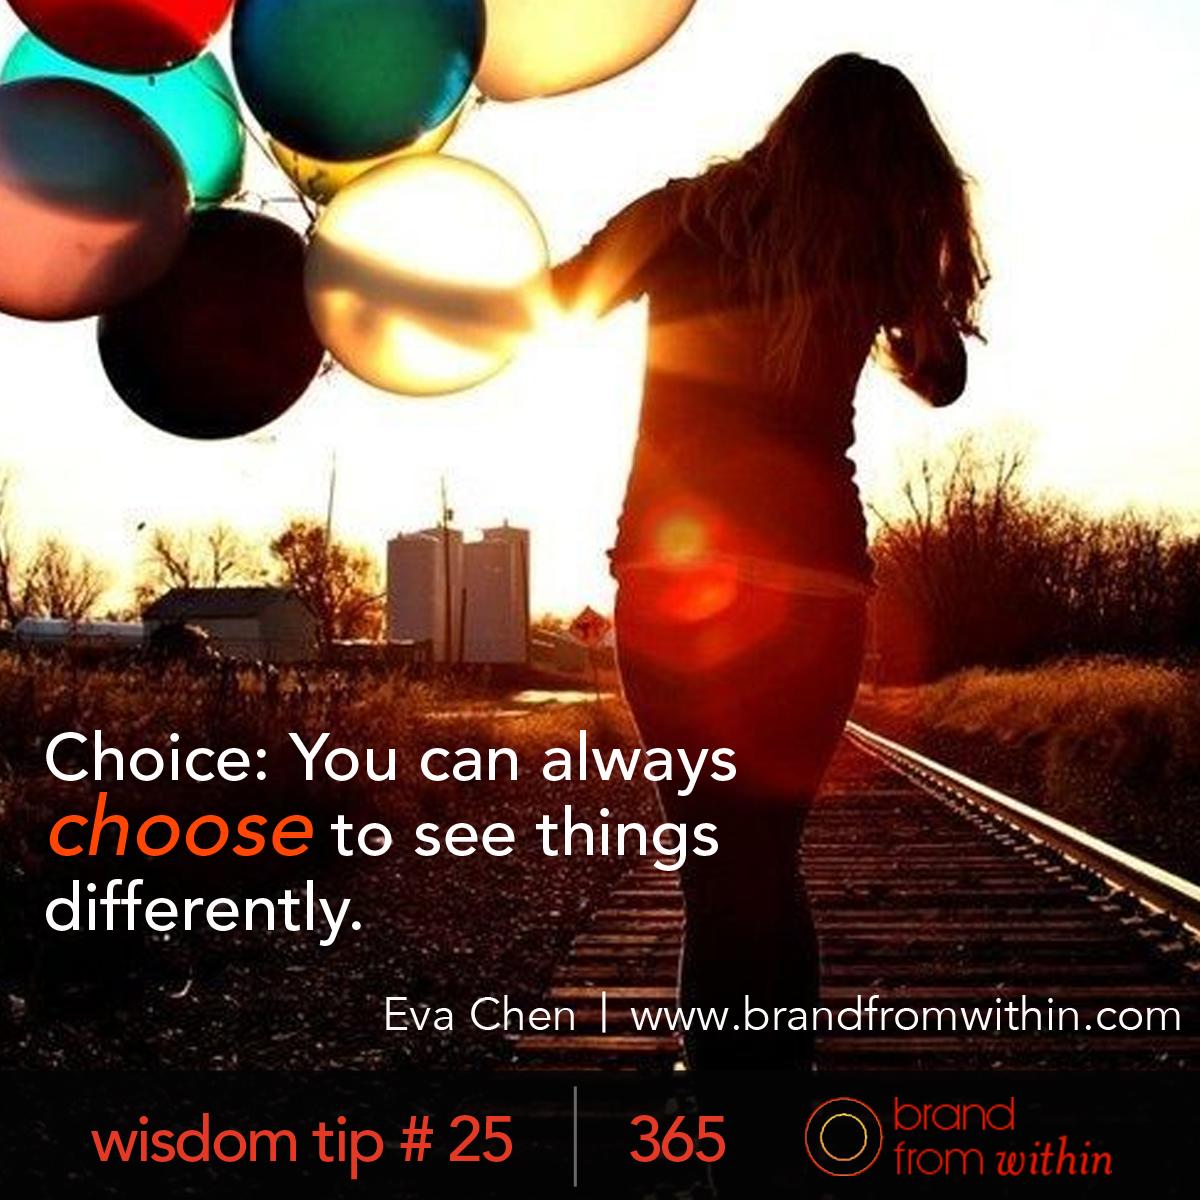 DAY 25 WISDOM TIP